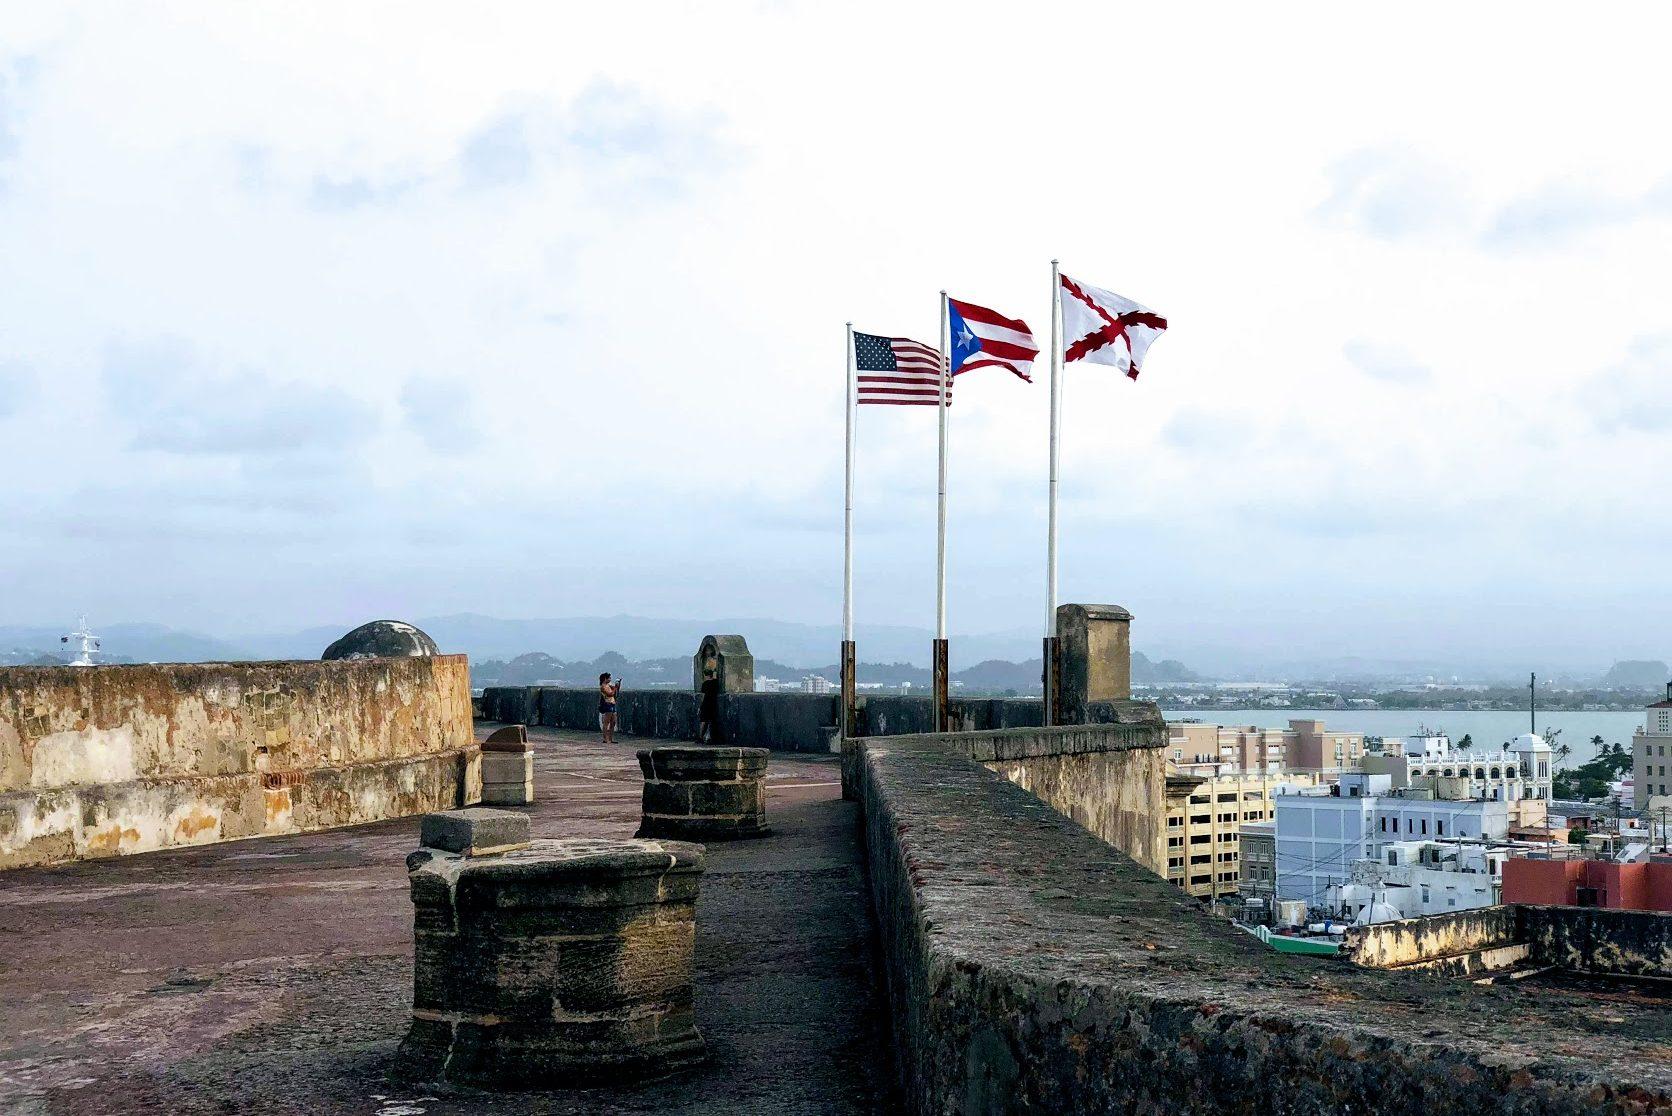 puerto-rico-fort-e1531330094484.jpg